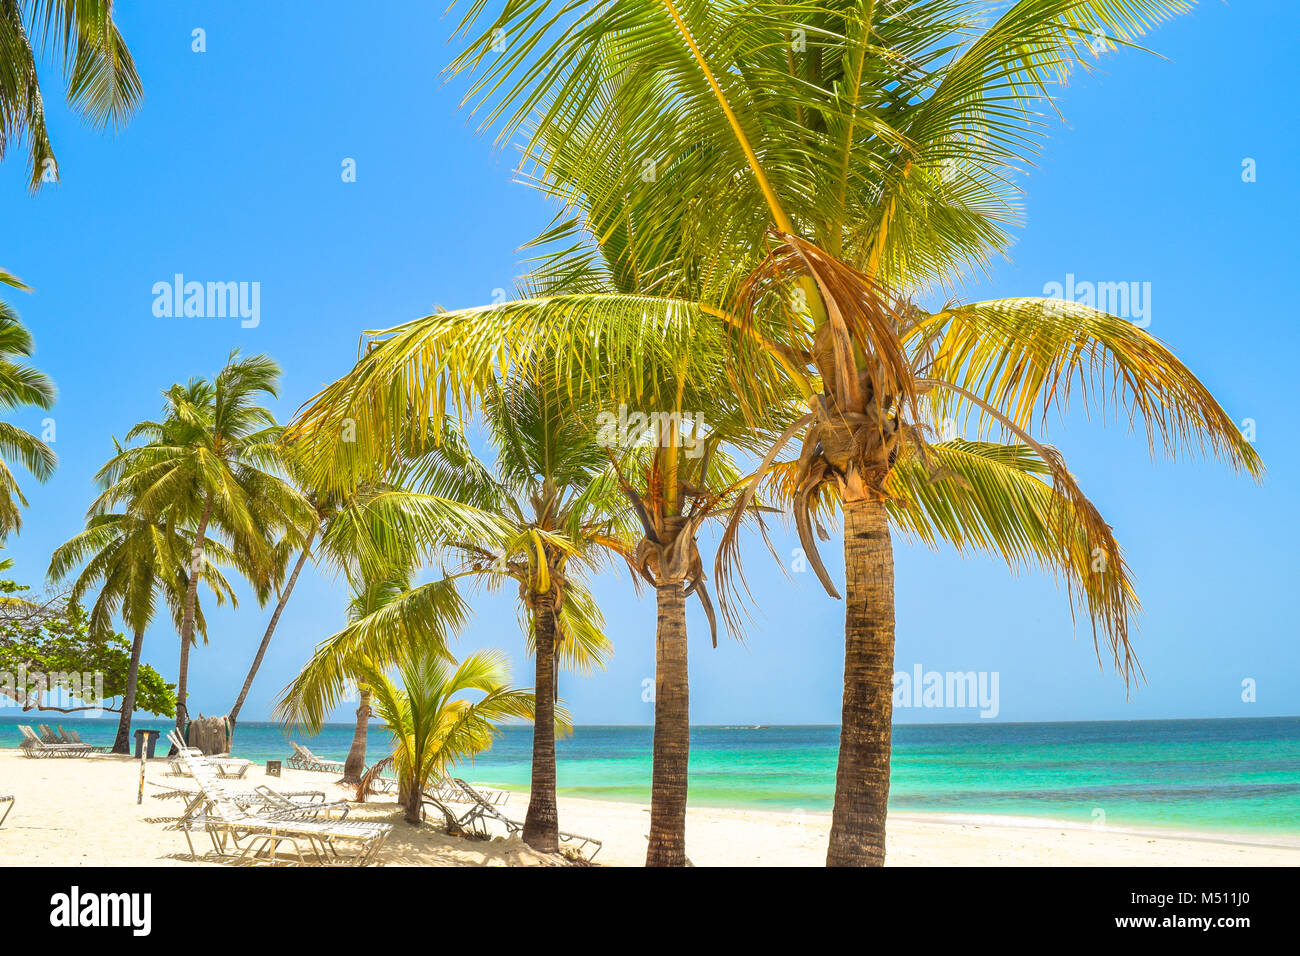 Bellissima spiaggia con palme, lettini, cielo blu e acque turchesi, Repubblica Dominicana, Samana, piccola isola Immagini Stock